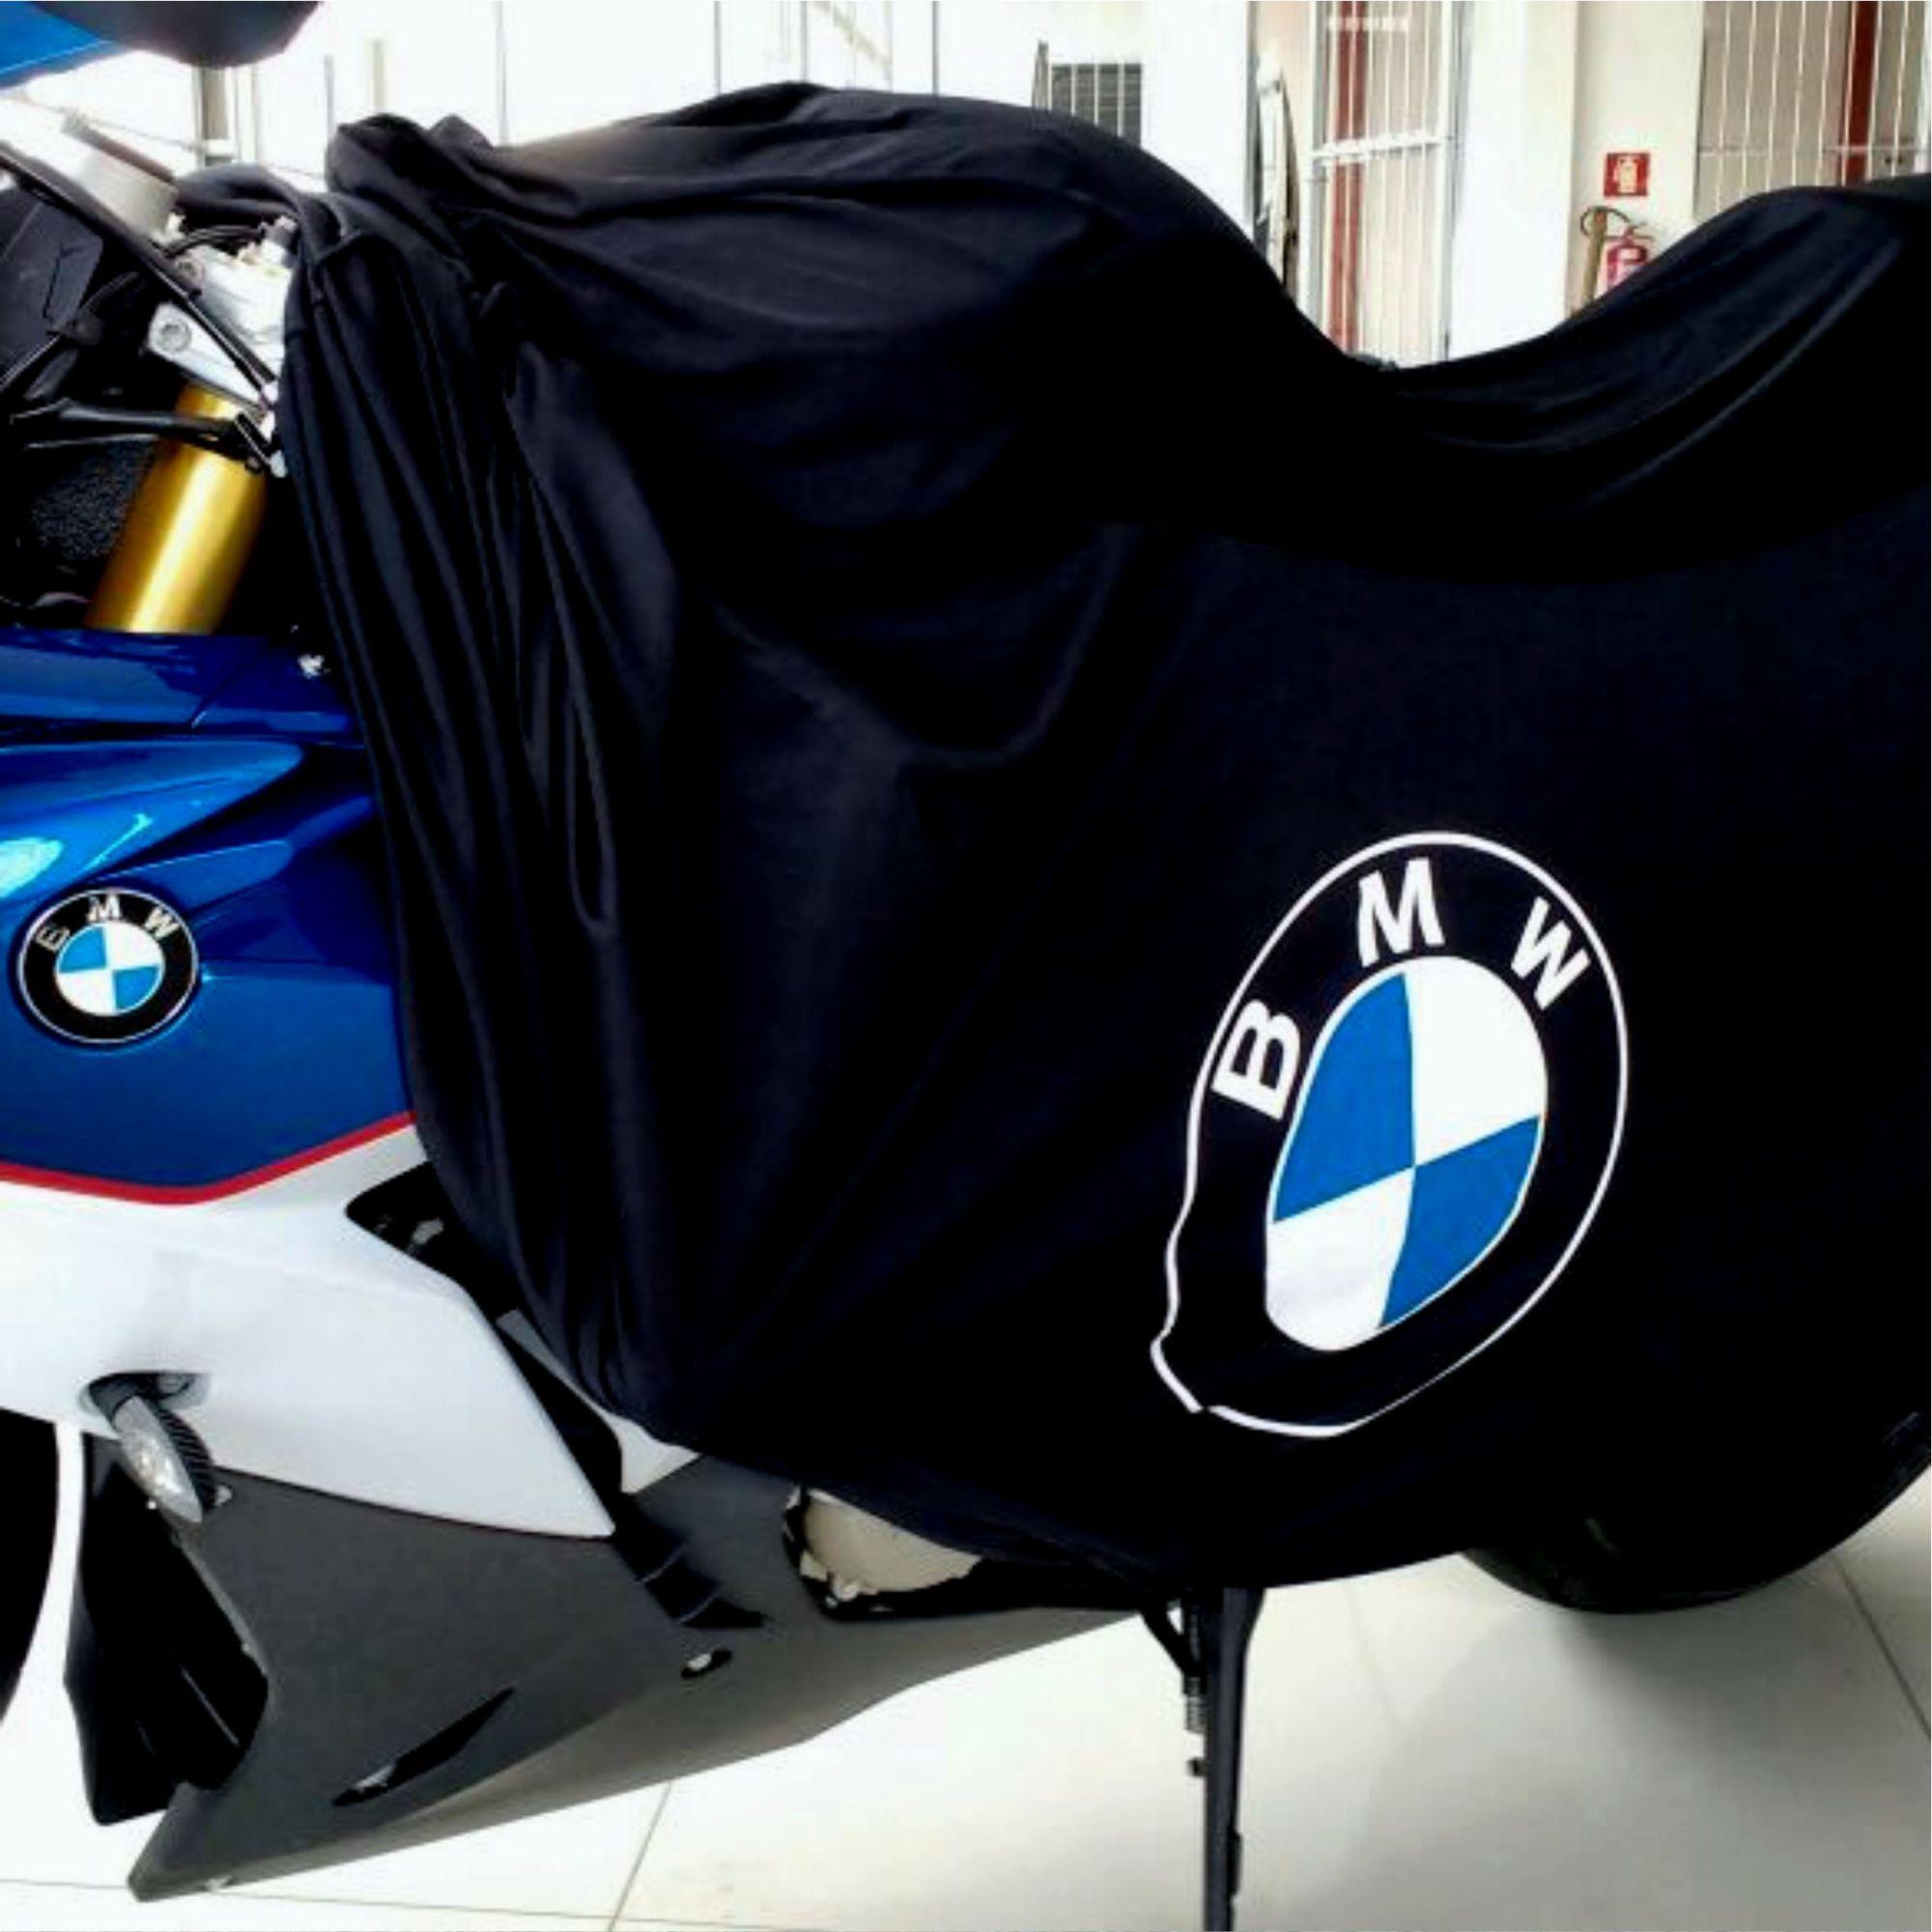 Capa Para Moto Premium BMW Tam. M (permeavel)